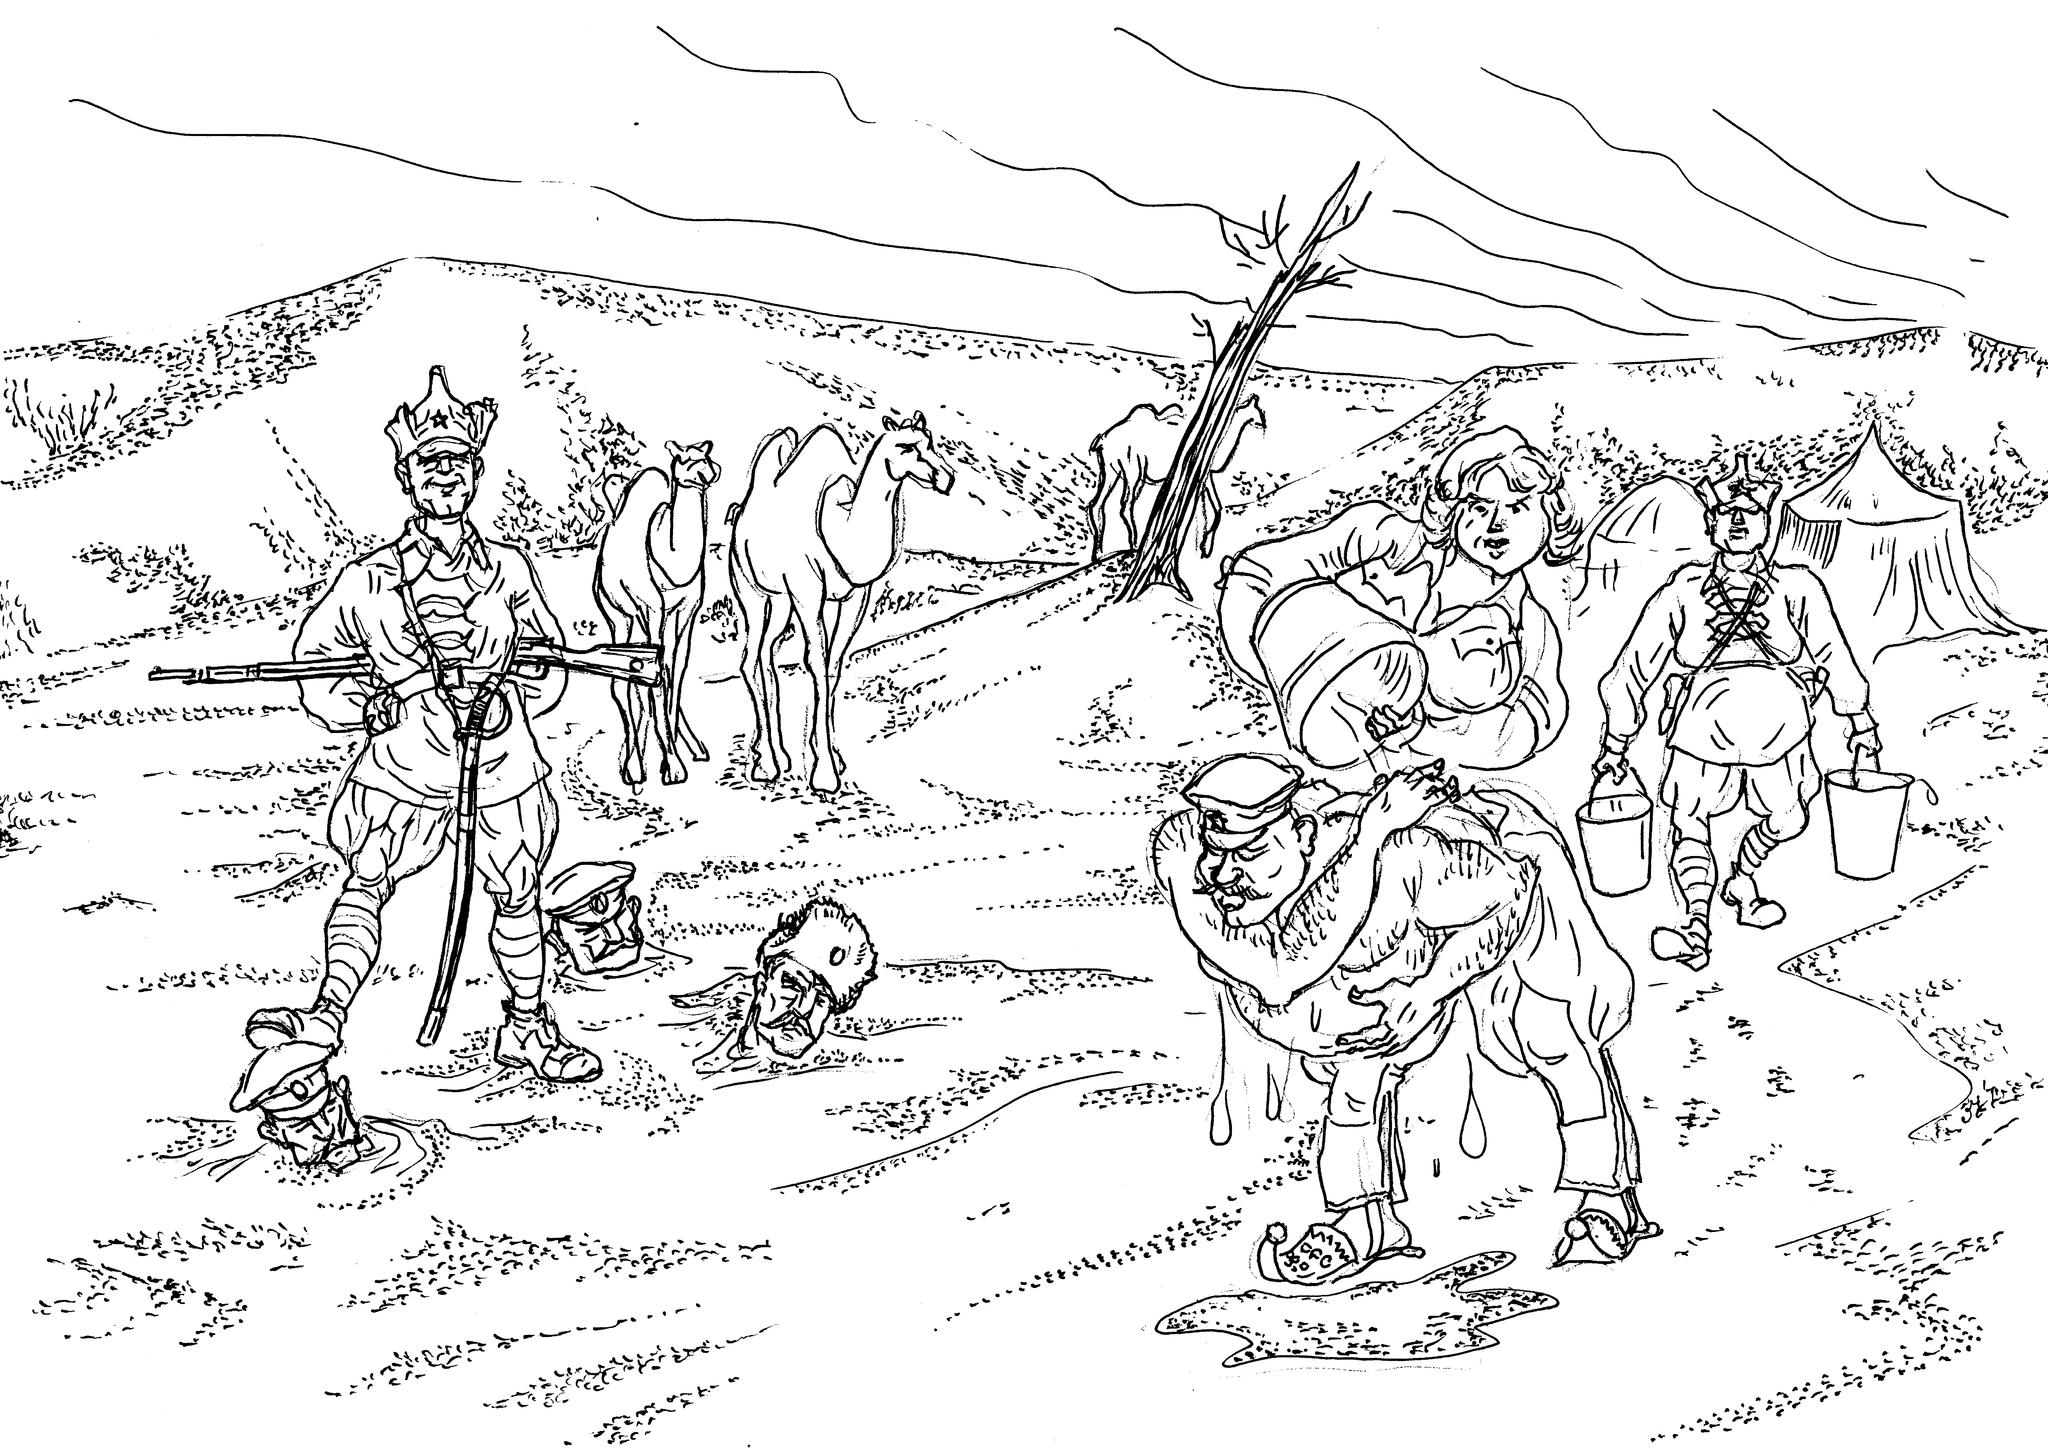 Чоновцы-туркестанцы сделали многое и сделали бы ещё больше для установления Советской власти на южных окраинах РСФСР